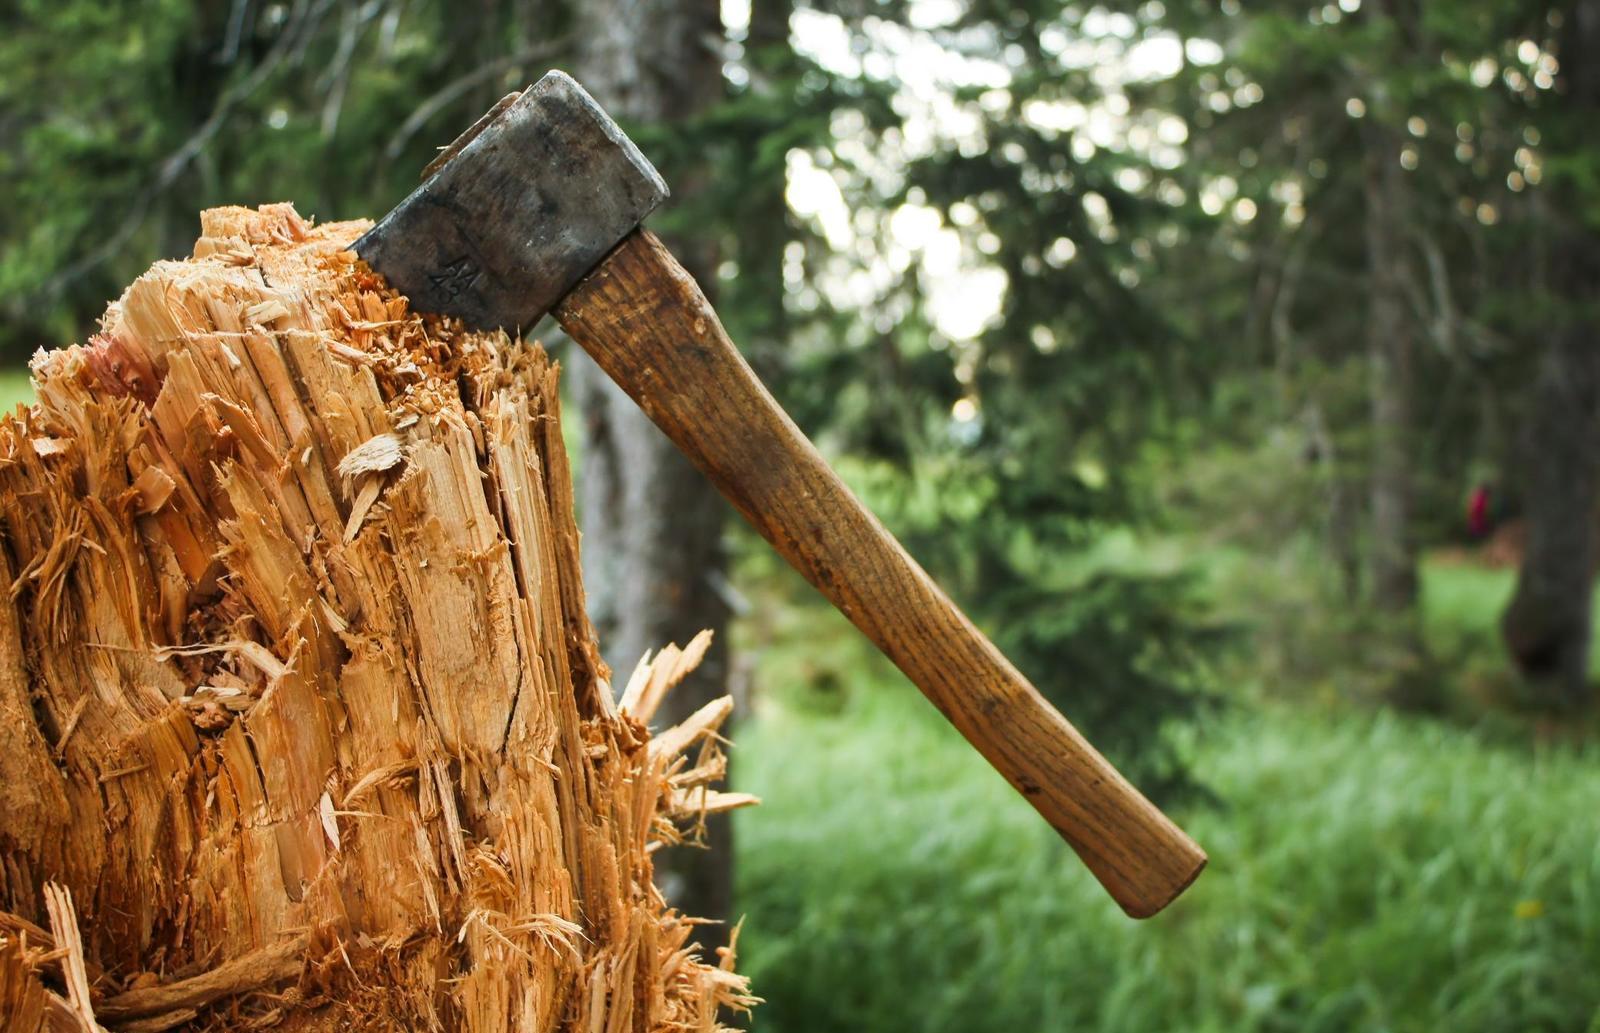 В Тверской области возбудили дело о масштабной незаконной рубке леса  - новости Афанасий